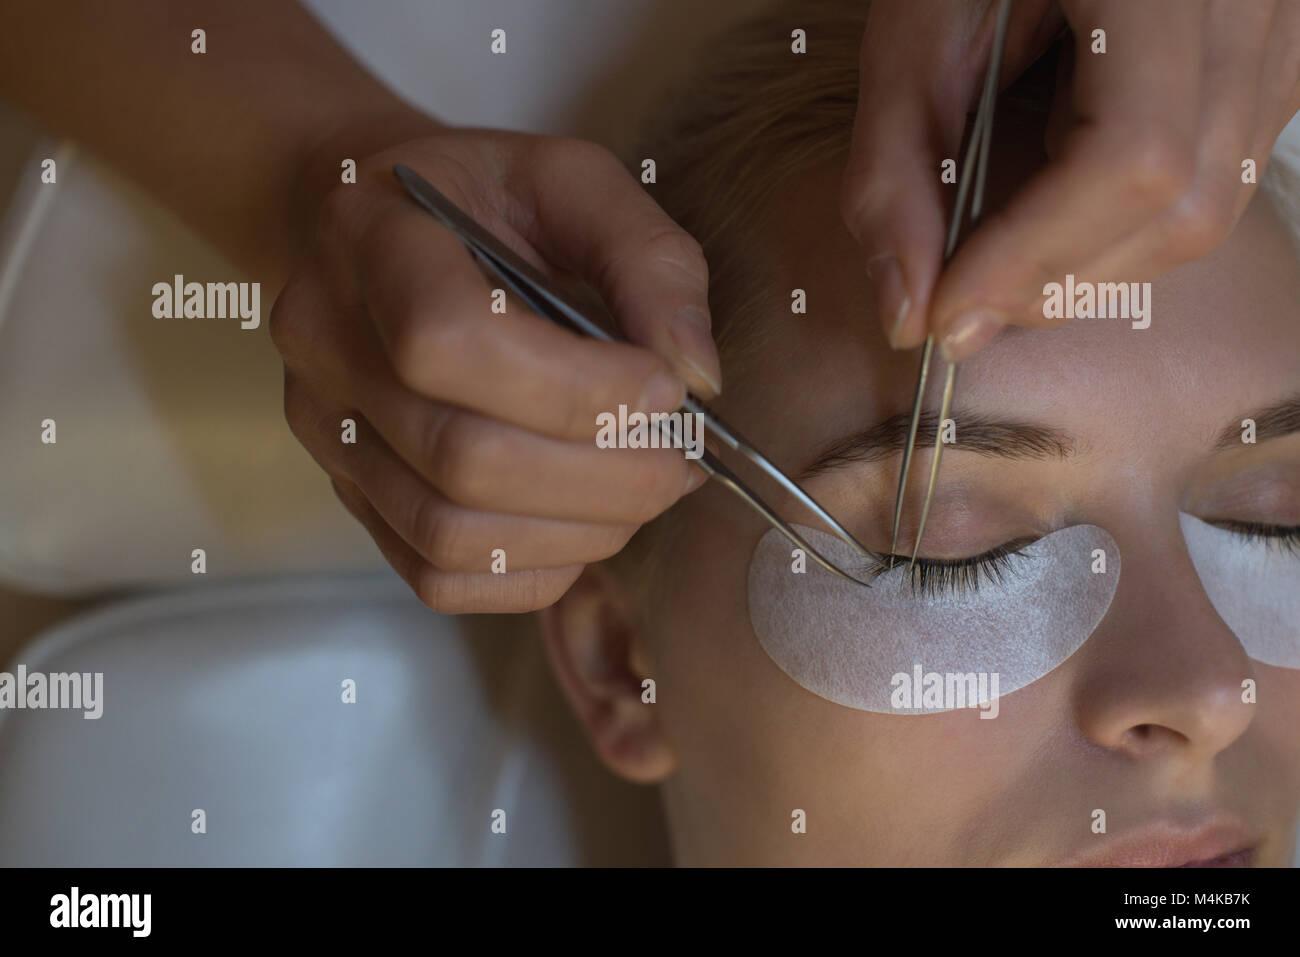 Kosmetikerin, Eyelash Extension Behandlung für weibliche Kunden Stockbild